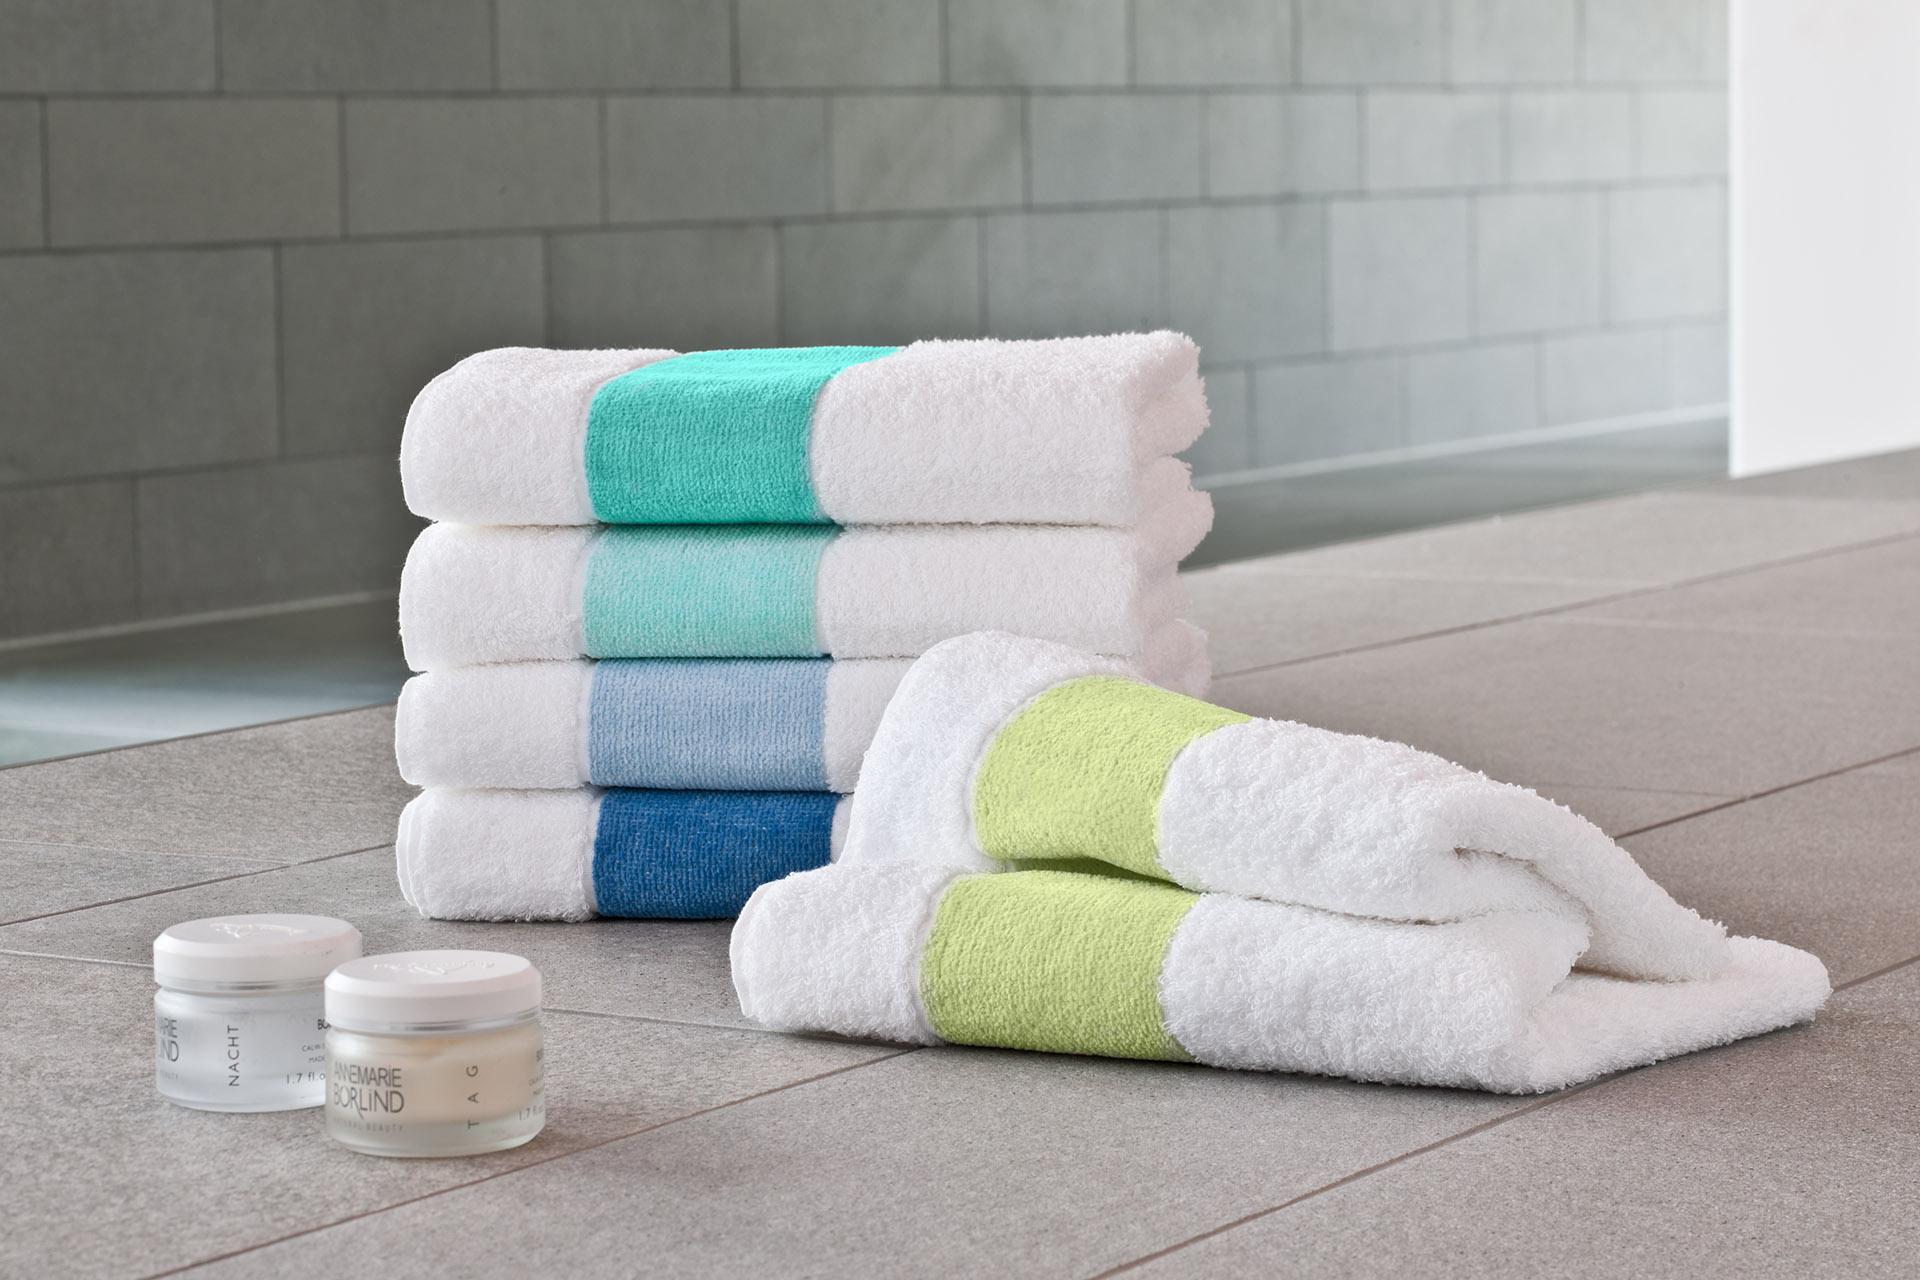 Werbefotografie bunte Handtücher der Serie Exclusiv by Feiler Frottier und Chenille gestapelt auf Badezimmerfliesen. Feigefotodesign